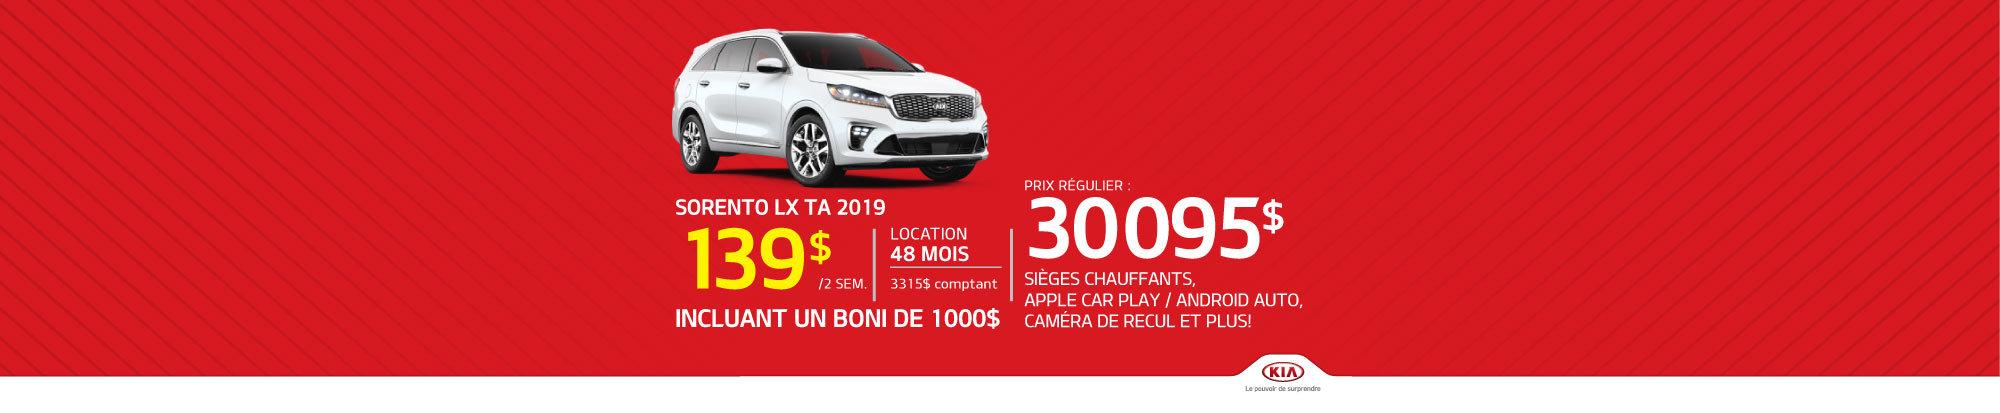 Sorento LX TA 2019 - Seulement 139$ aux deux semaines! (header)